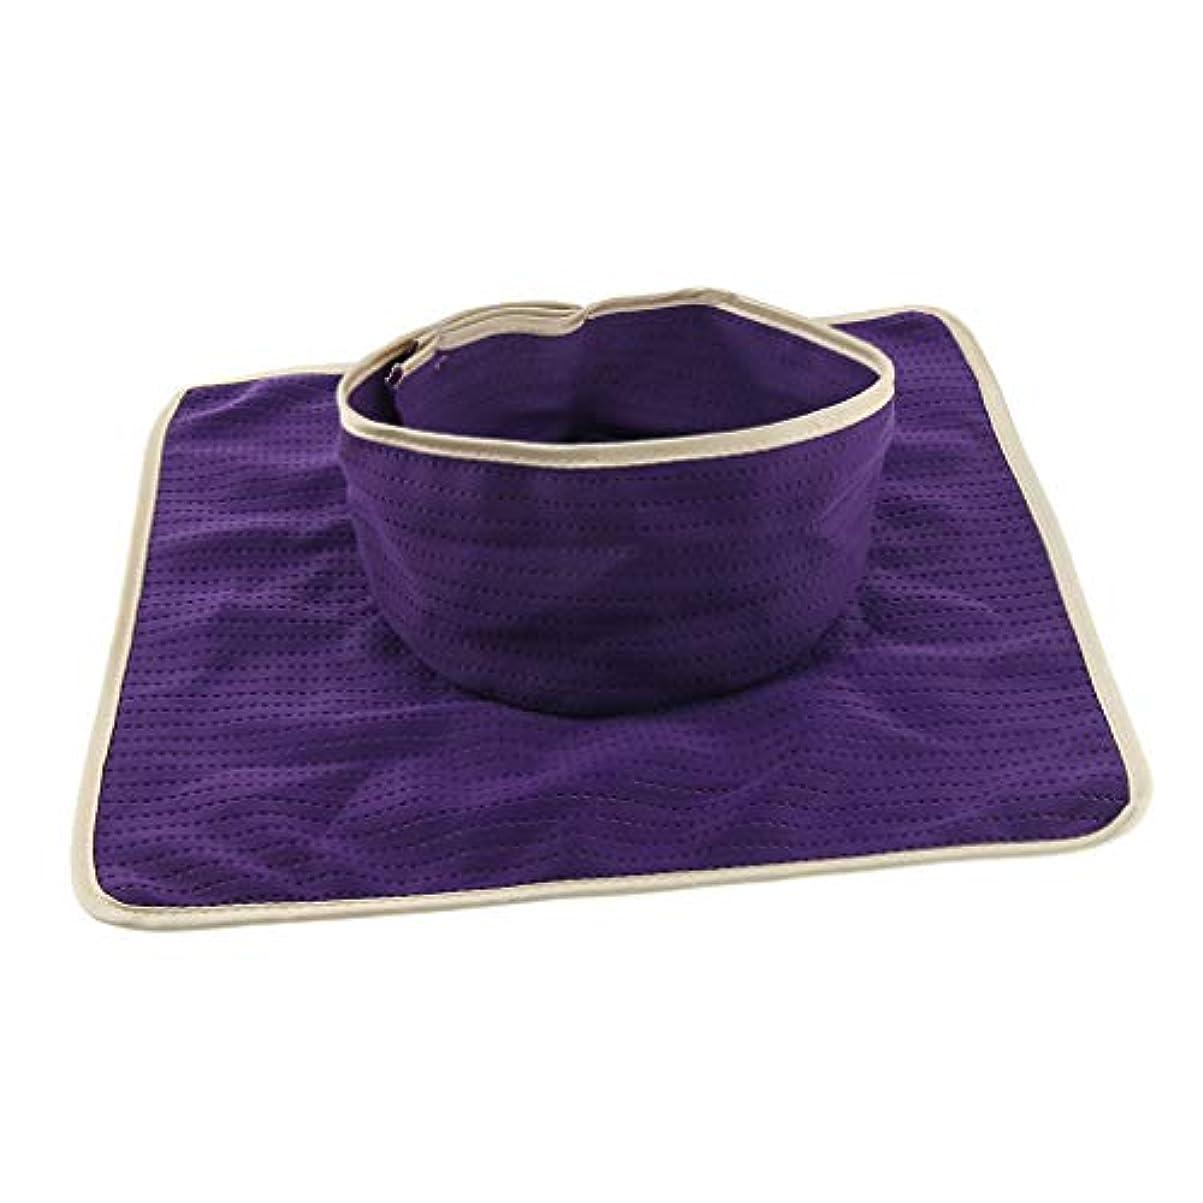 準備差し引くジャベスウィルソンマッサージ ベッドカバー シート パッド 洗濯可能 再利用可能 約35×35cm 全3色 - 紫